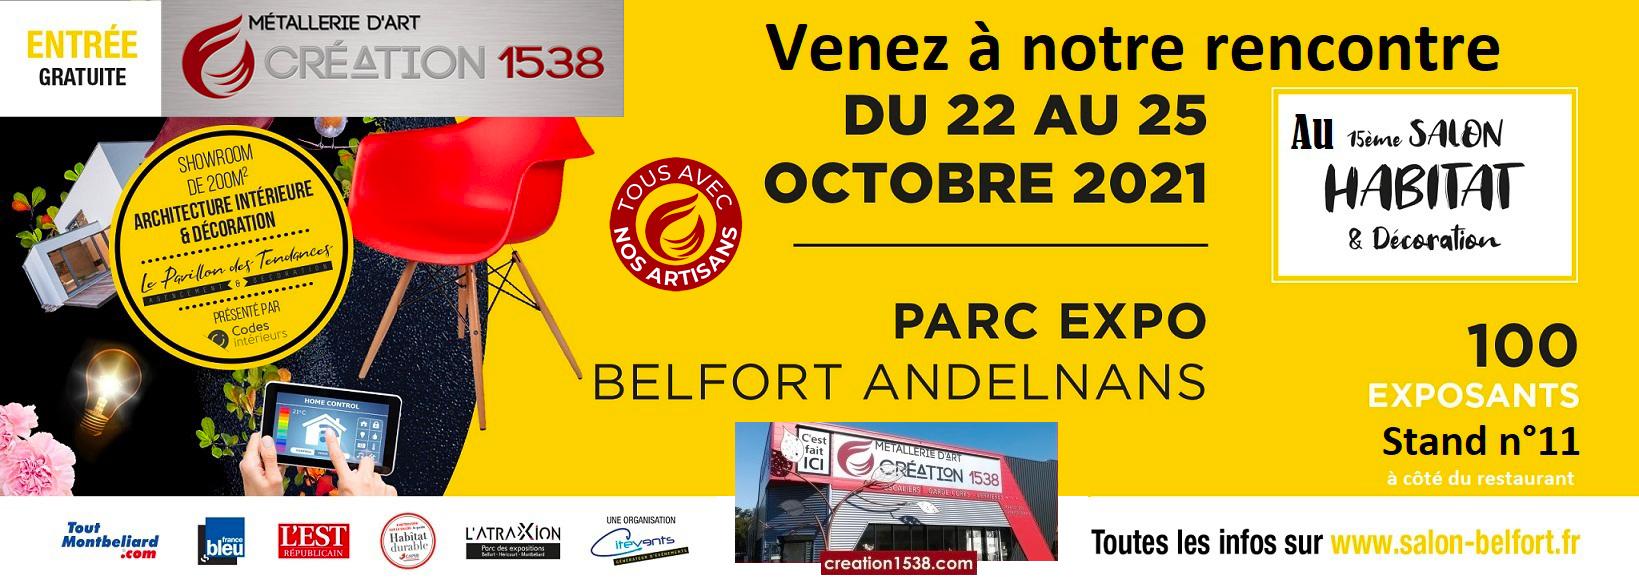 participation au salon de l'artisanat 2021 à Belfort